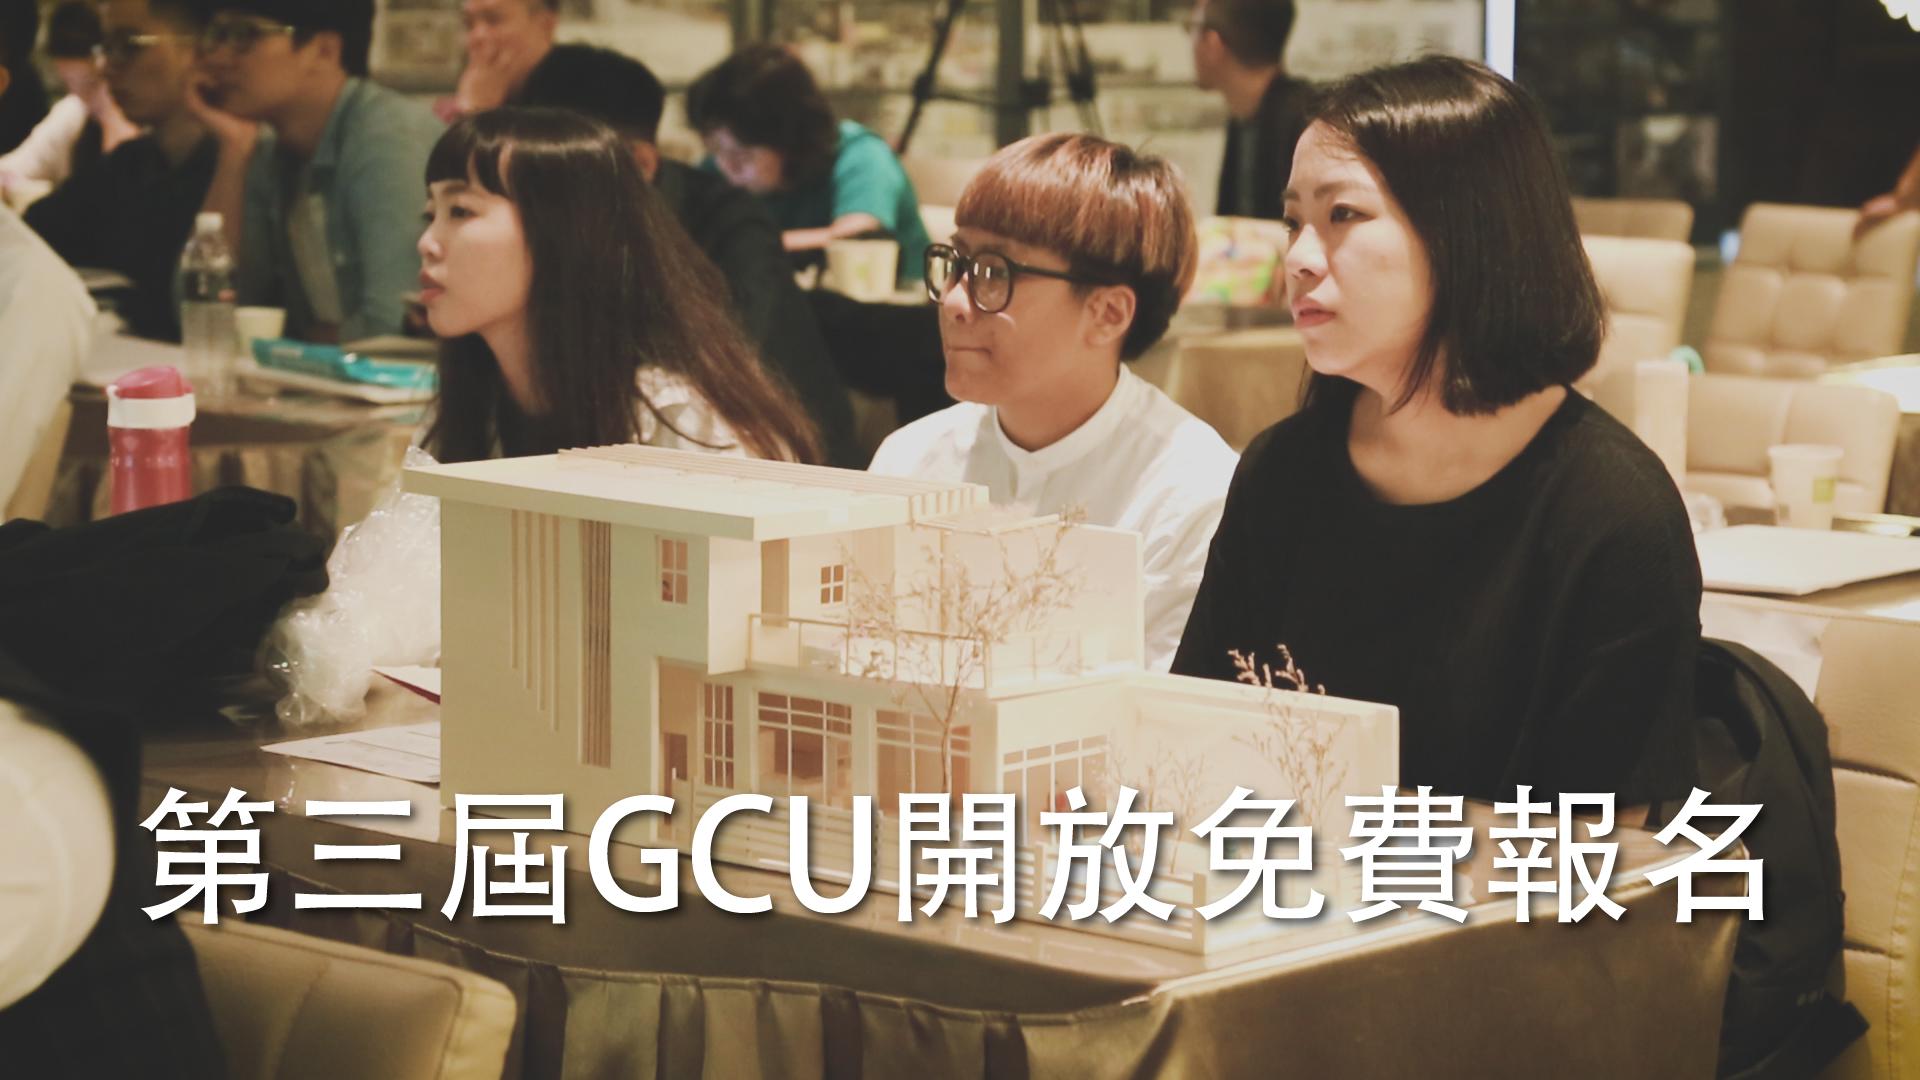 第三屆GCU開放免費報名再加碼精美參加獎!